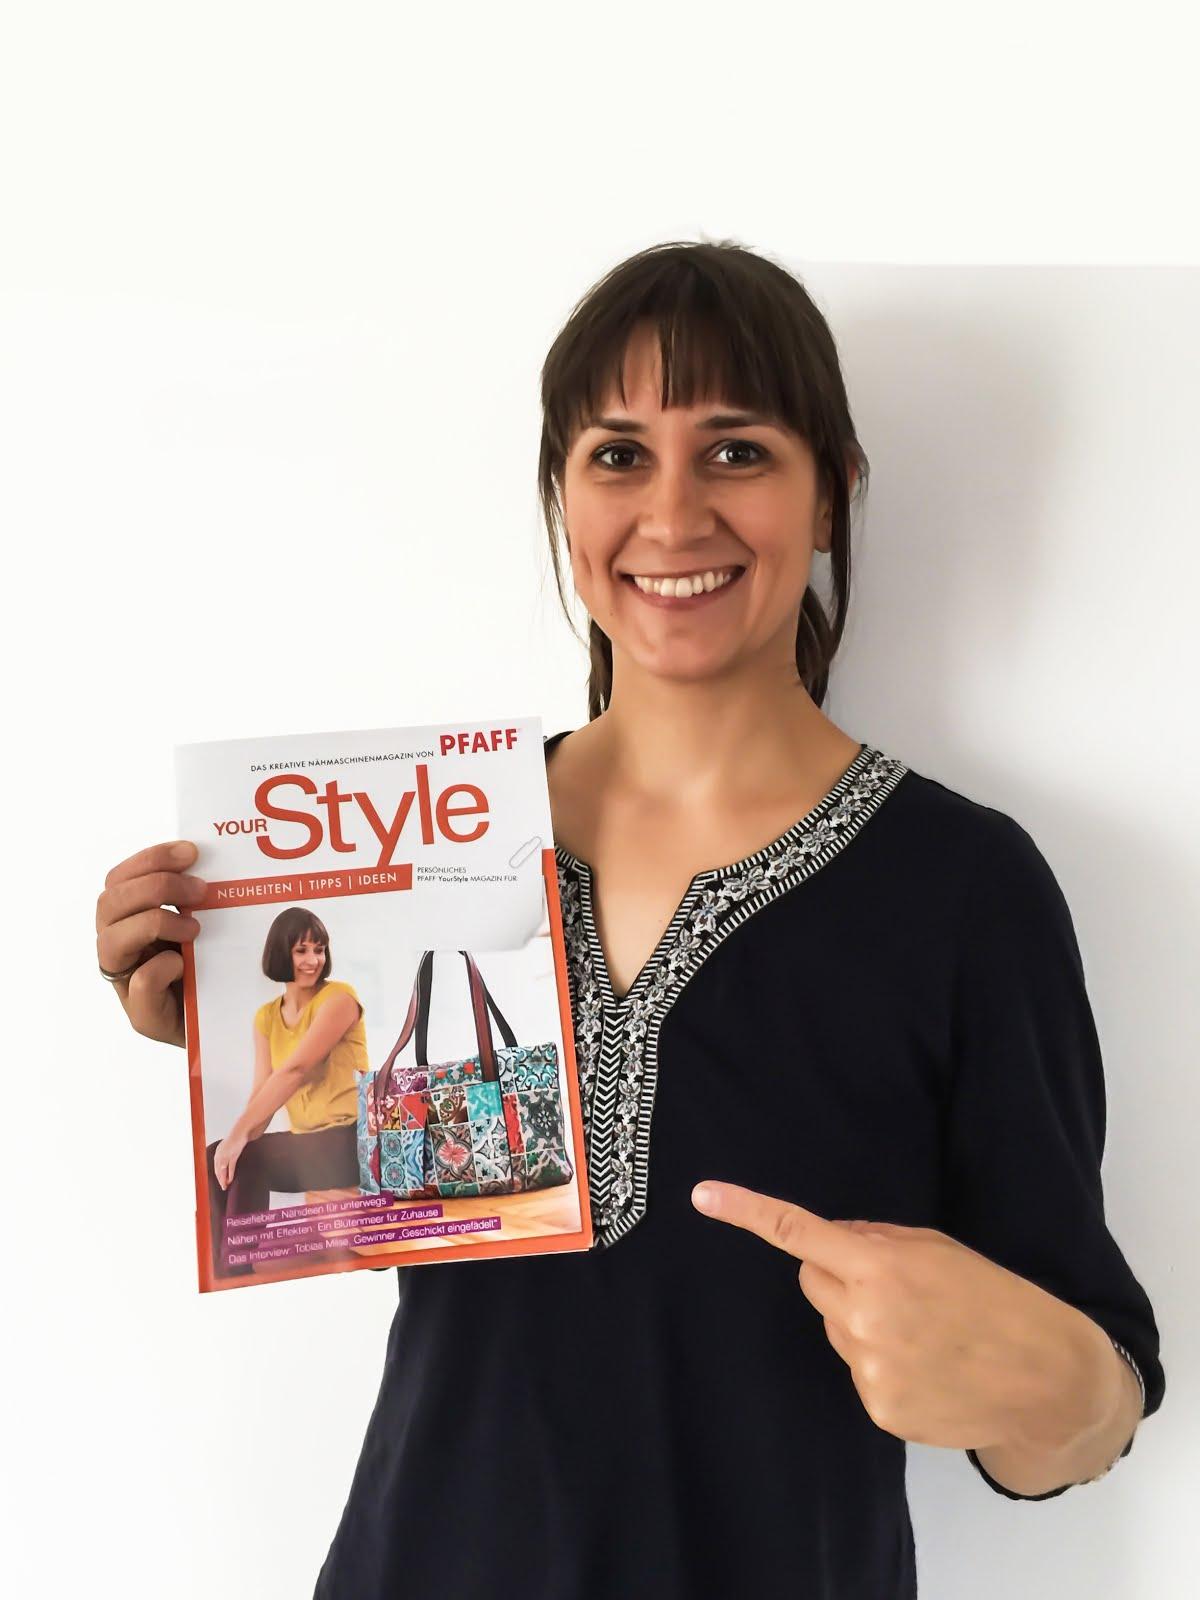 Meine Reisetasche im Pfaff Magazin mit Anleitung